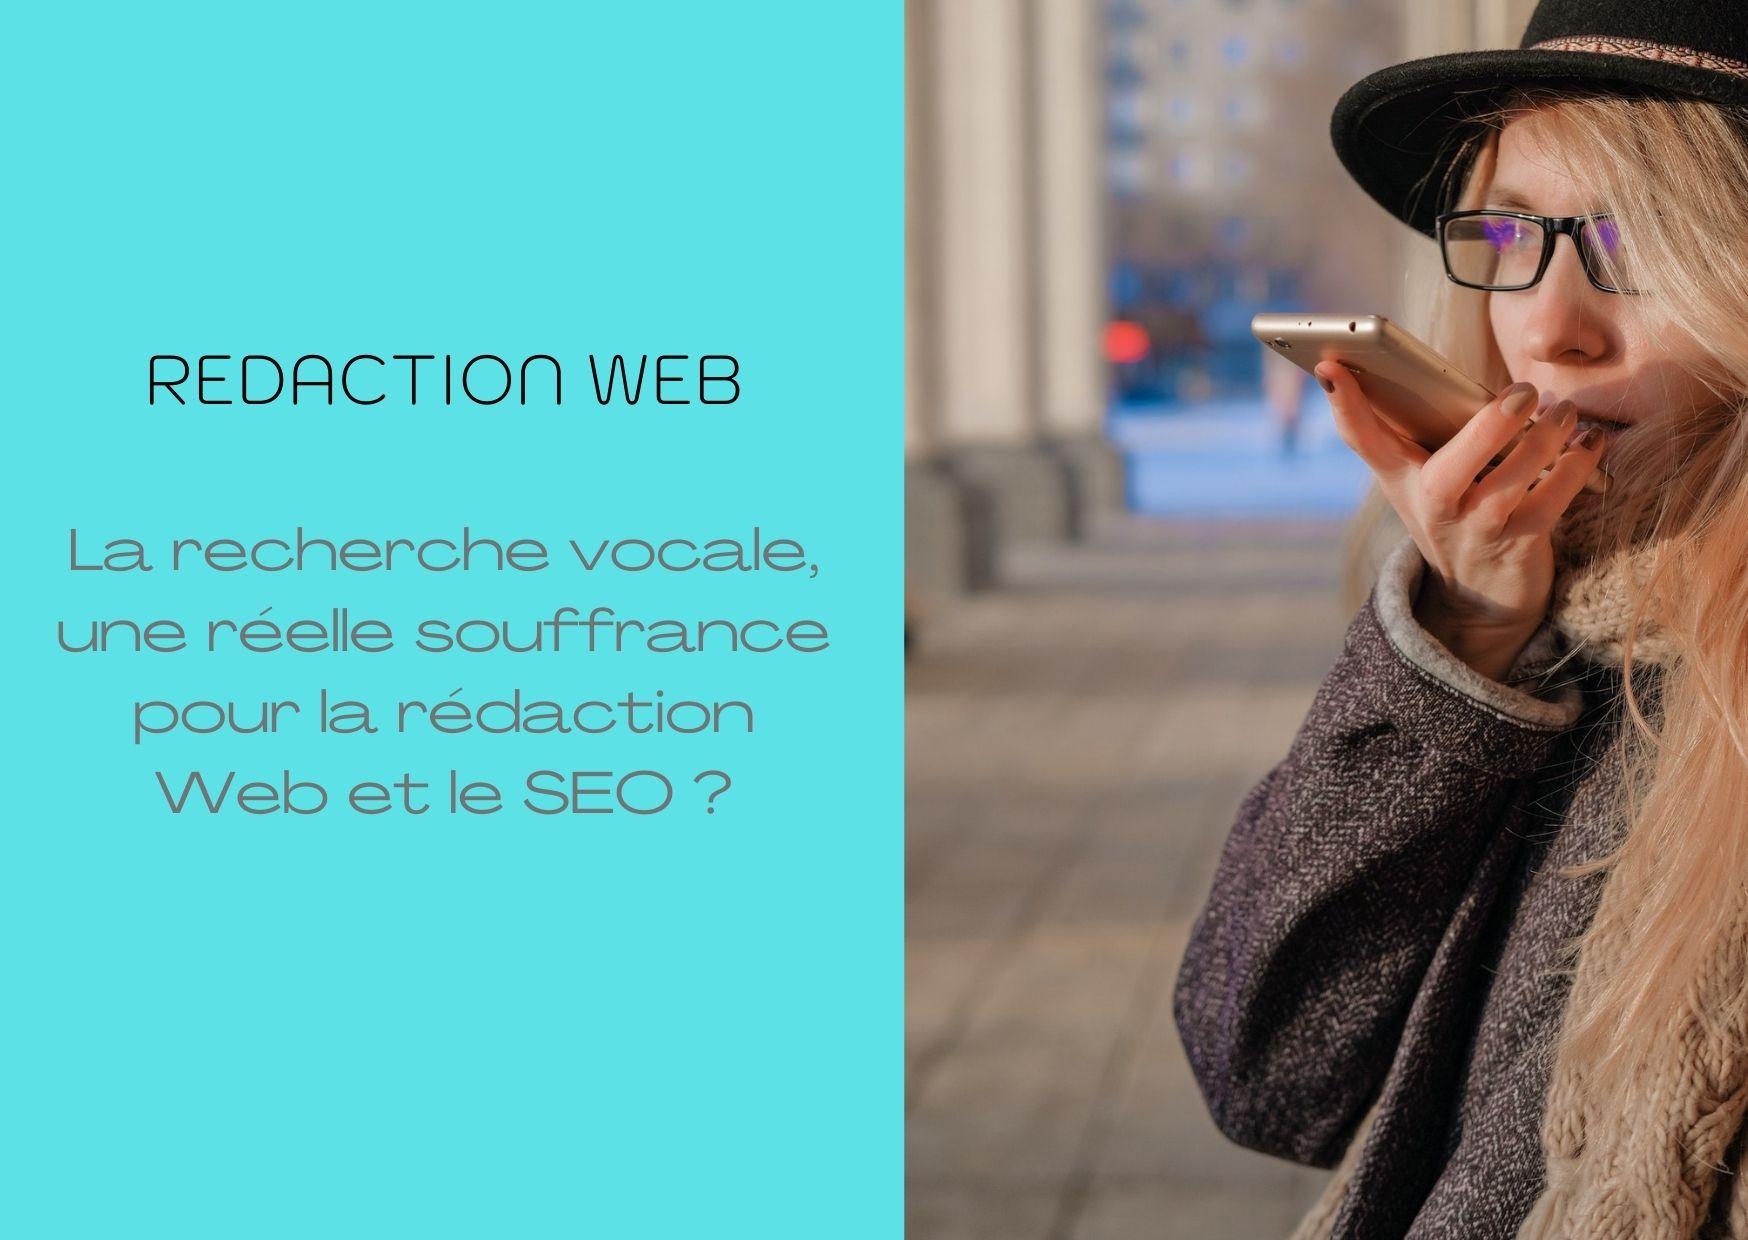 rédaction-web-la-recherche-vocale